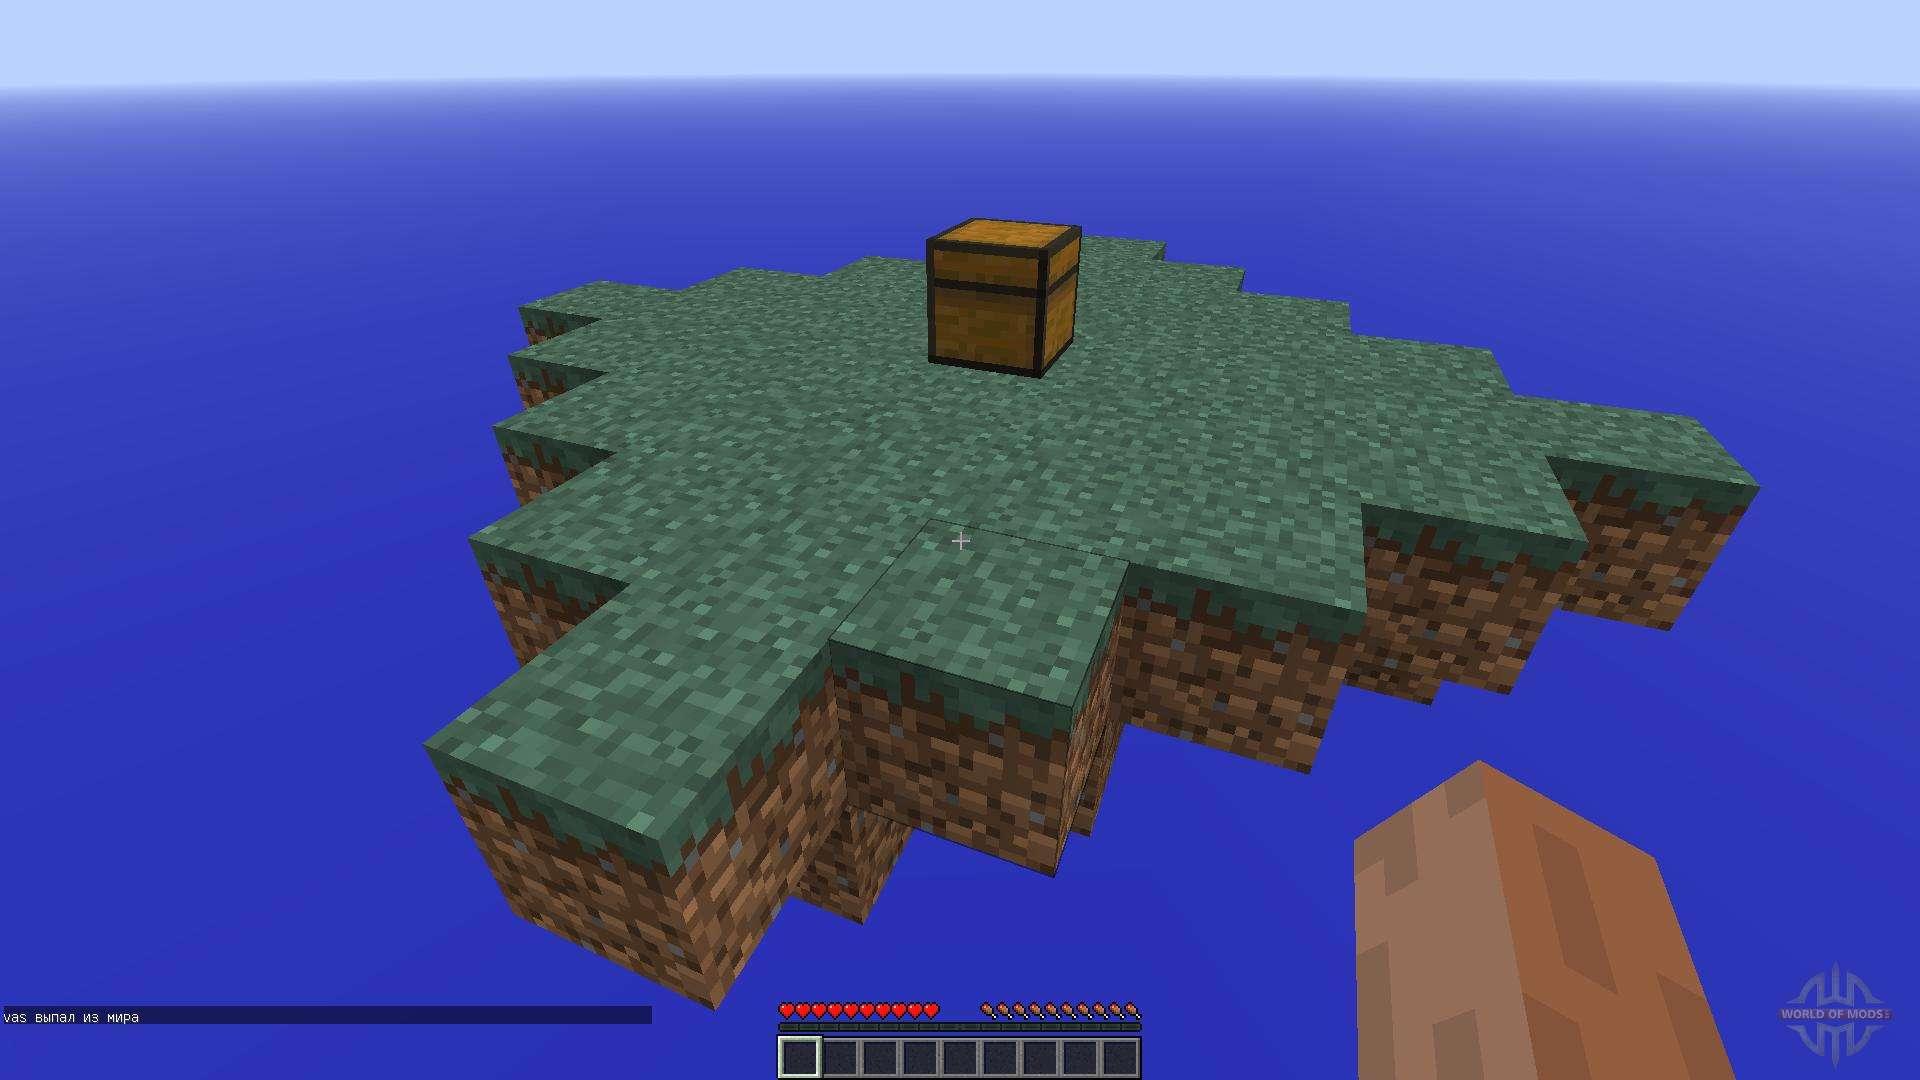 скачать карту skyblock для minecraft 1.8.3 » Скачать ...